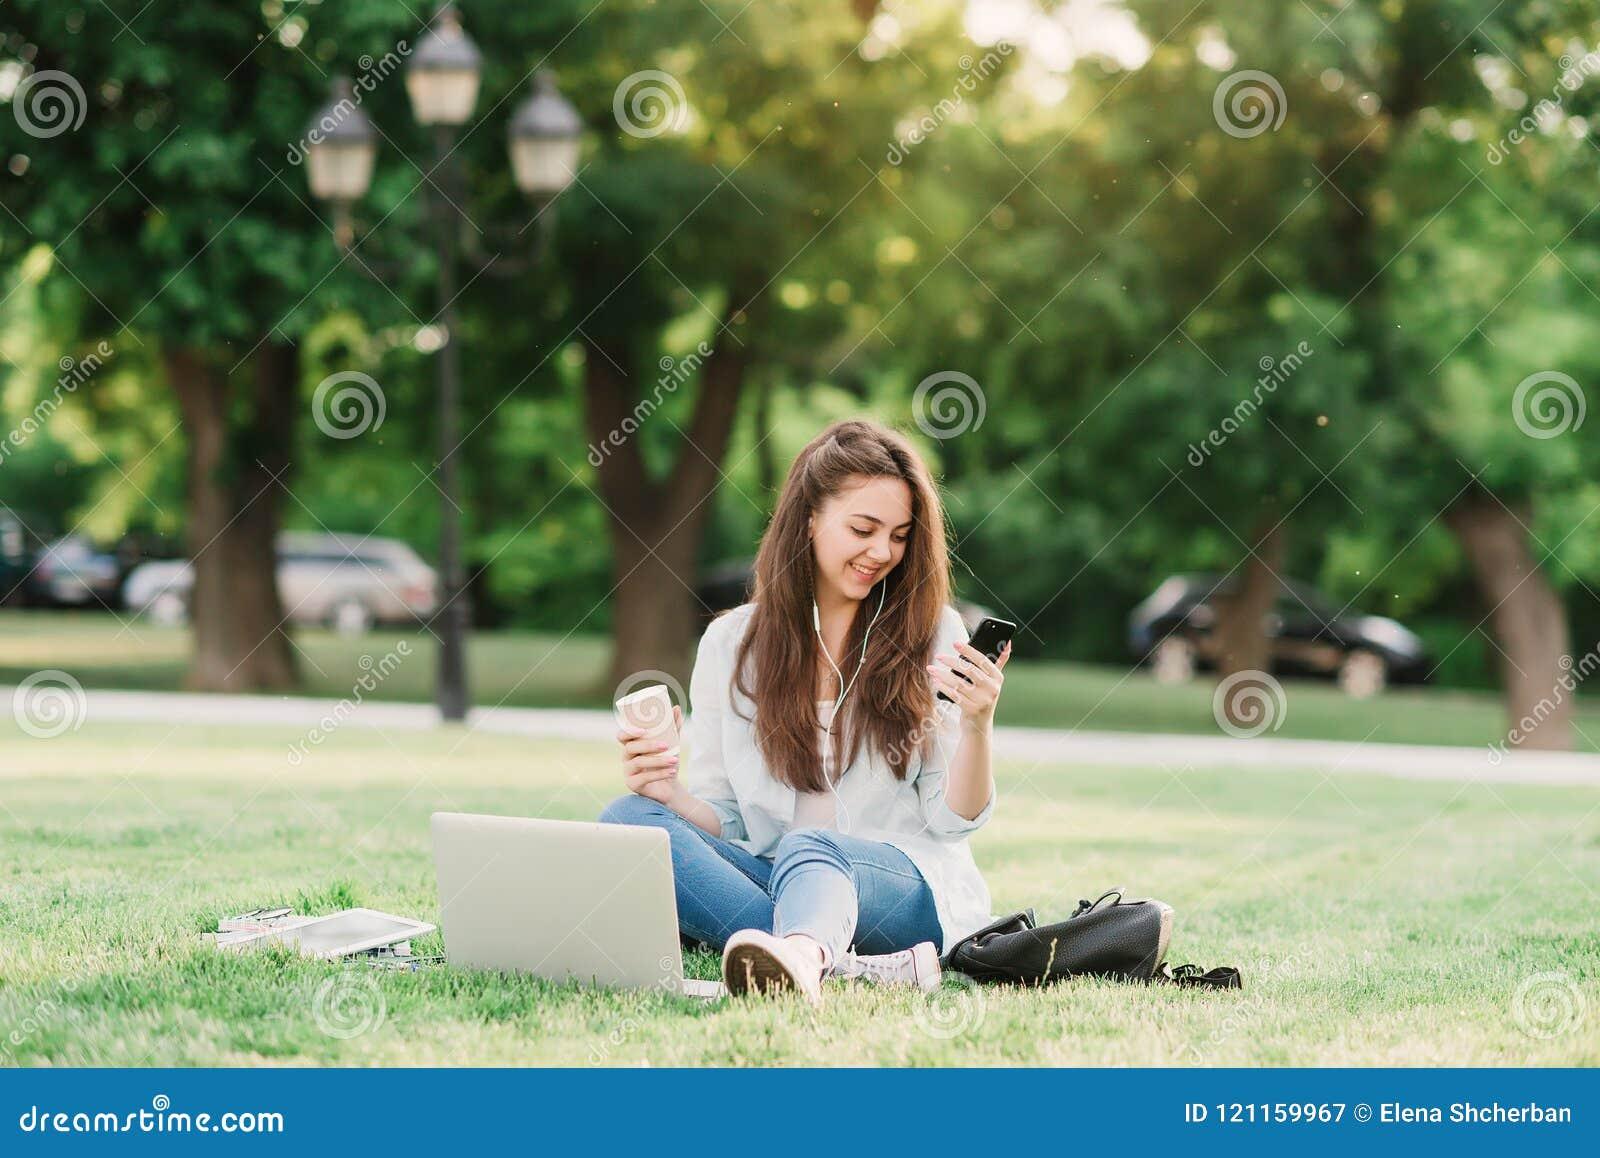 Retrato da estudante universitário fêmea Outdoors On Campus